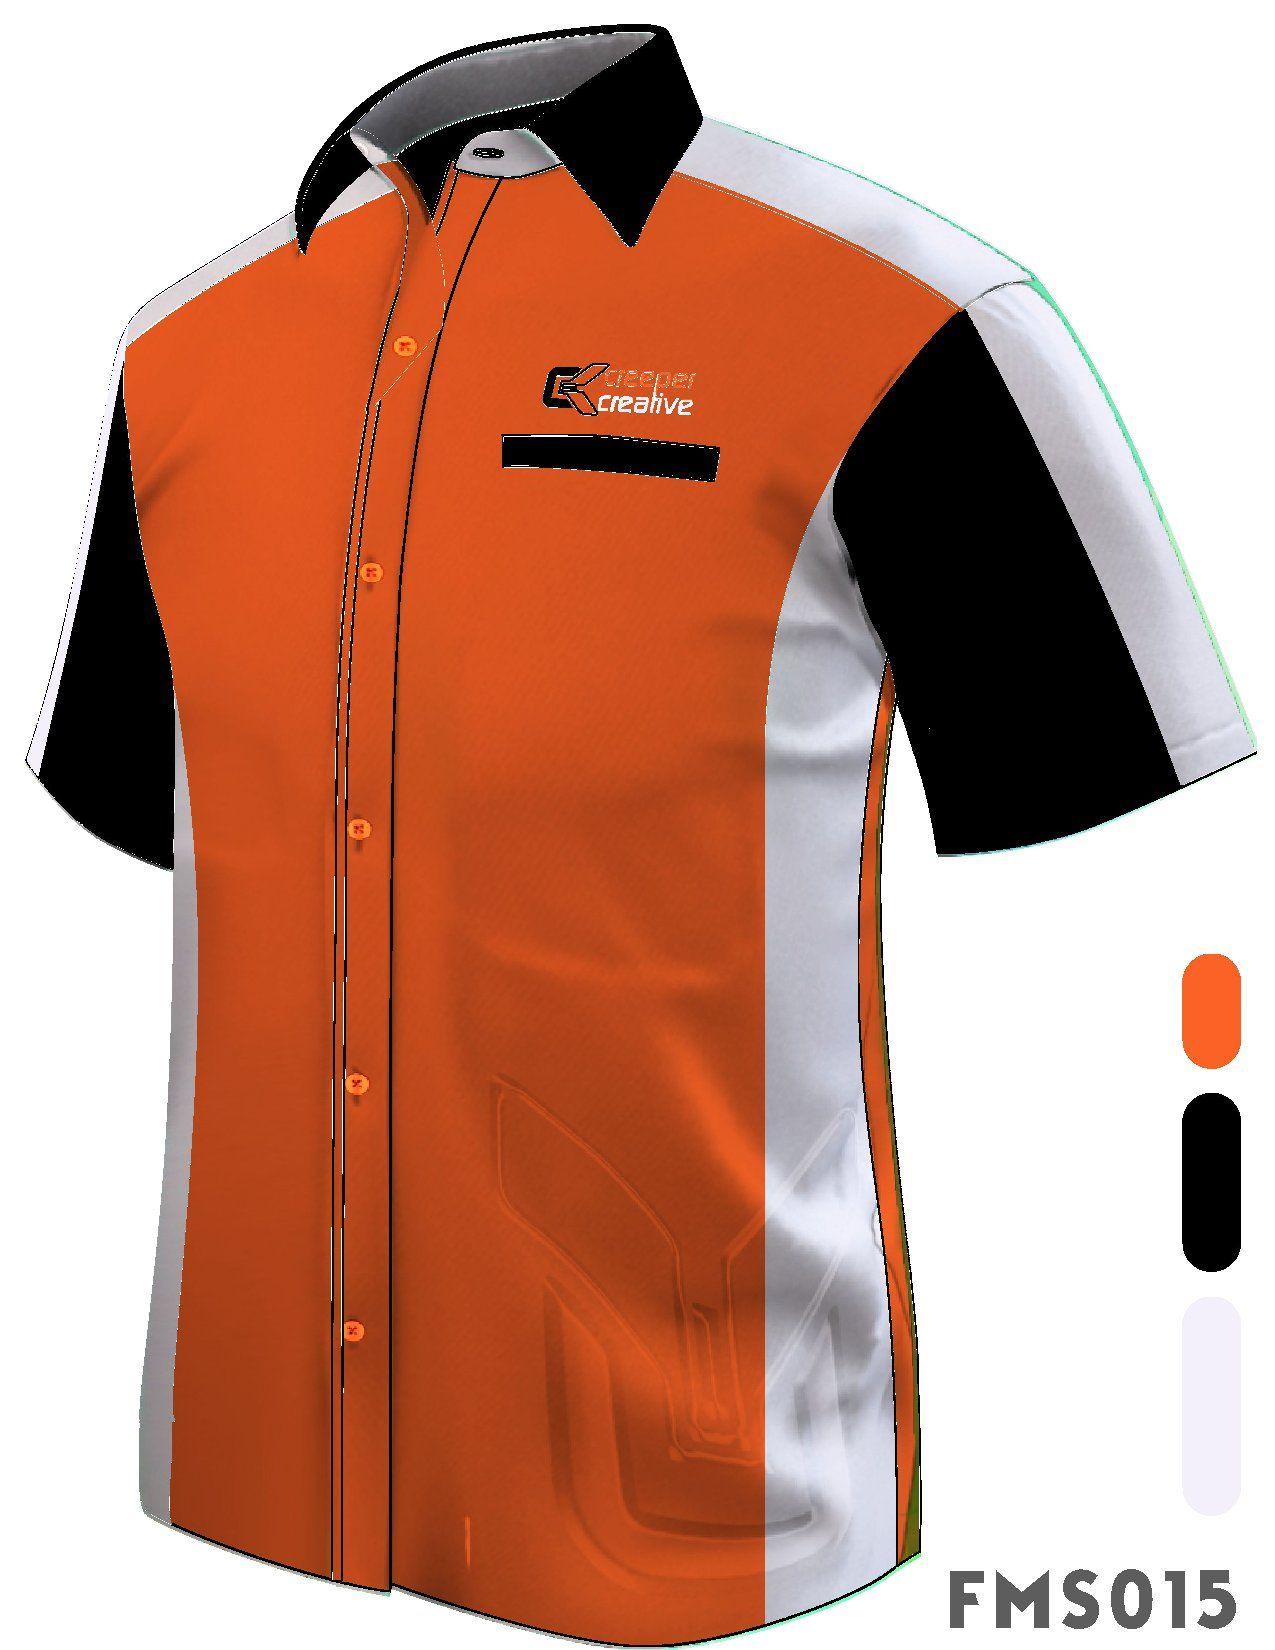 under armour corporate apparel corporate apparel companies